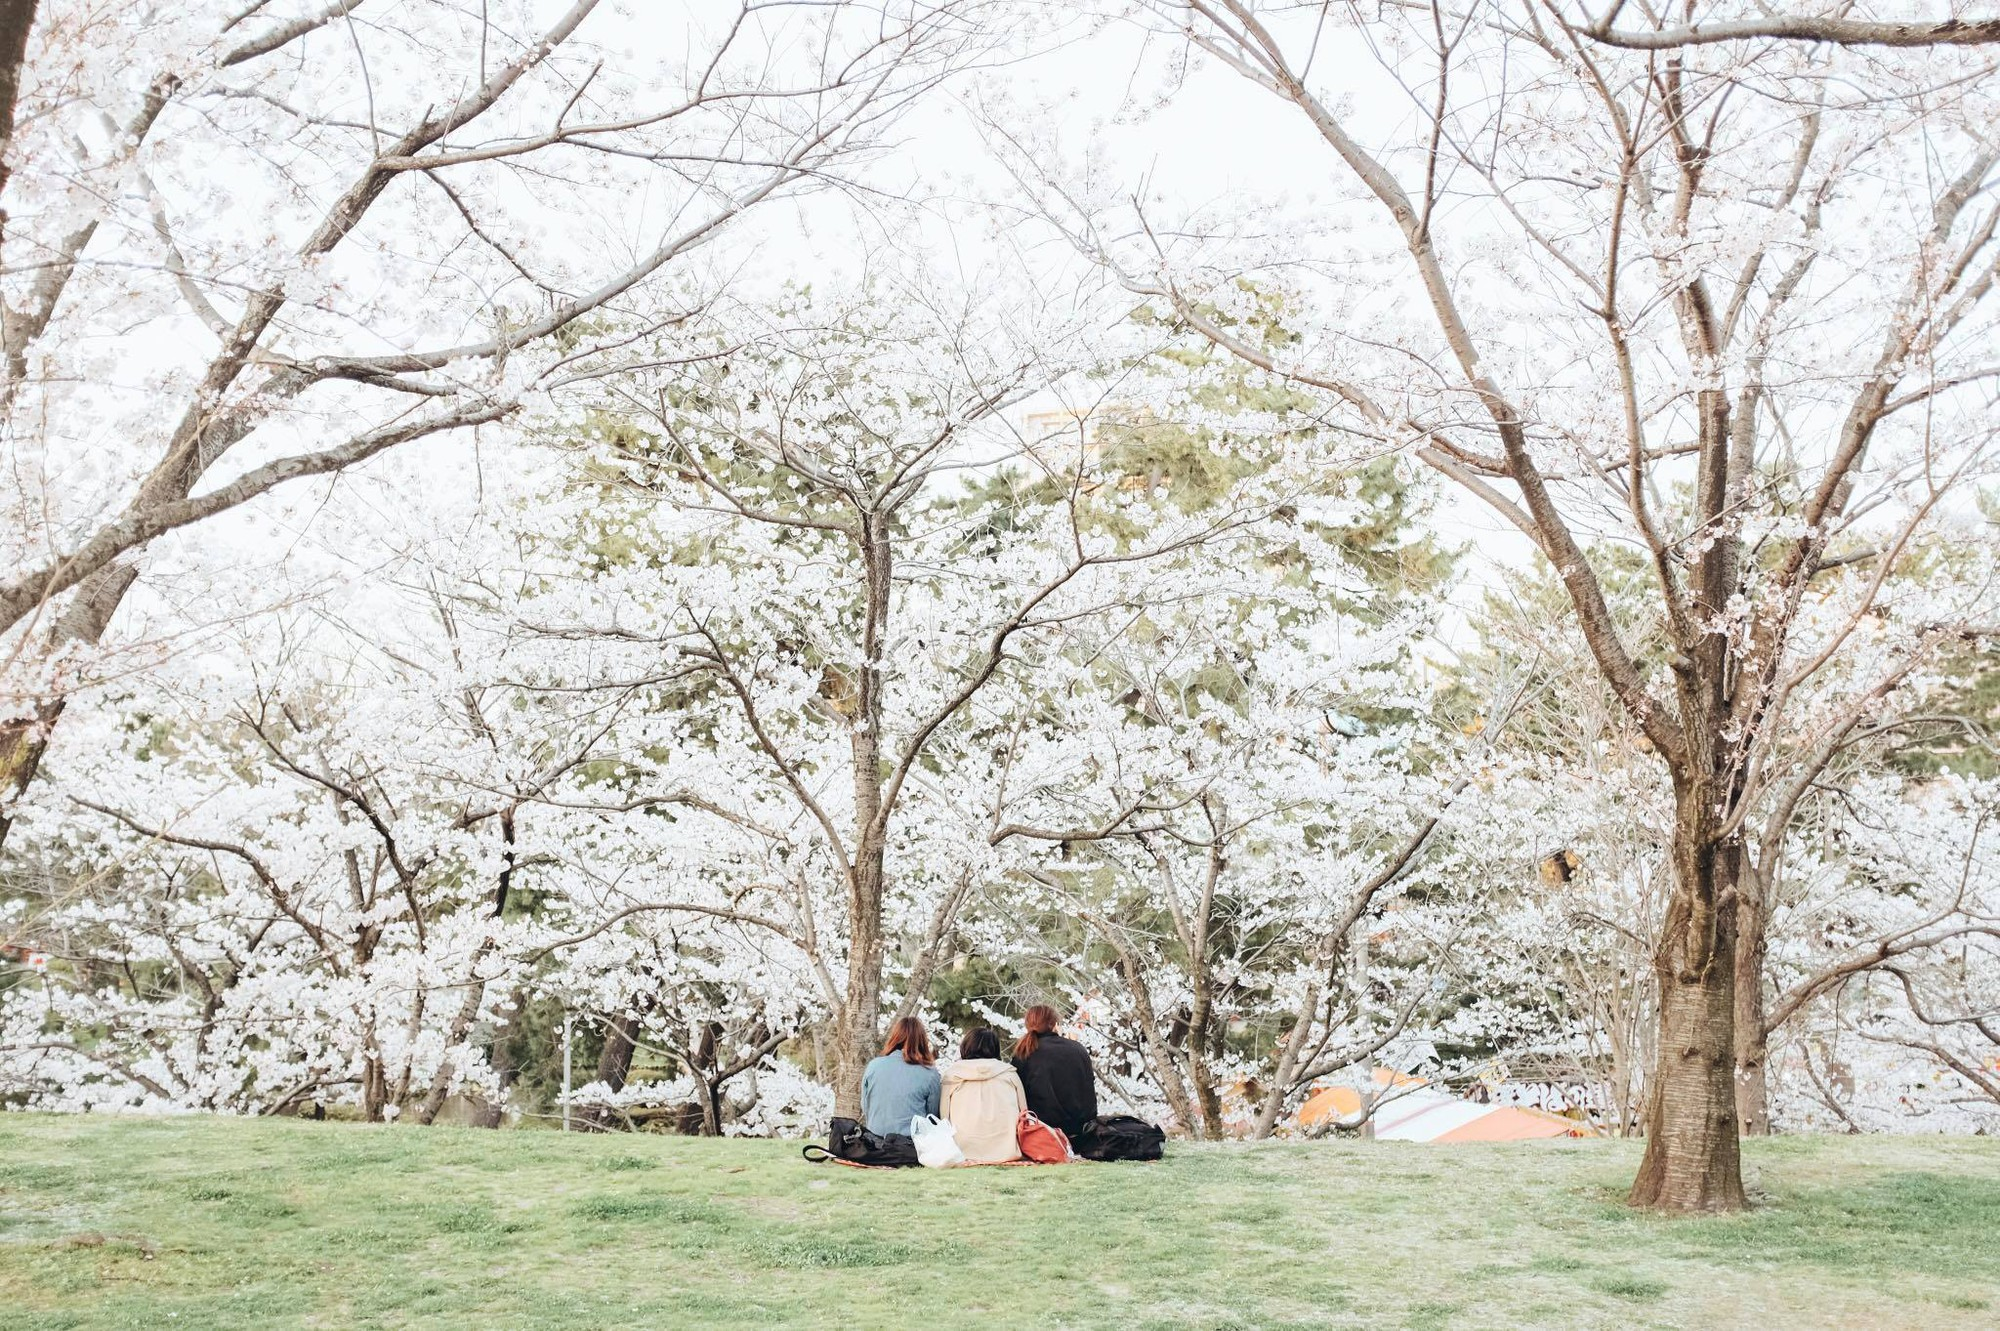 Chẳng ai rời mắt được những bức hình chụp Nhật Bản rất bình yên và trong trẻo của chàng trai Việt Nam này - Ảnh 23.